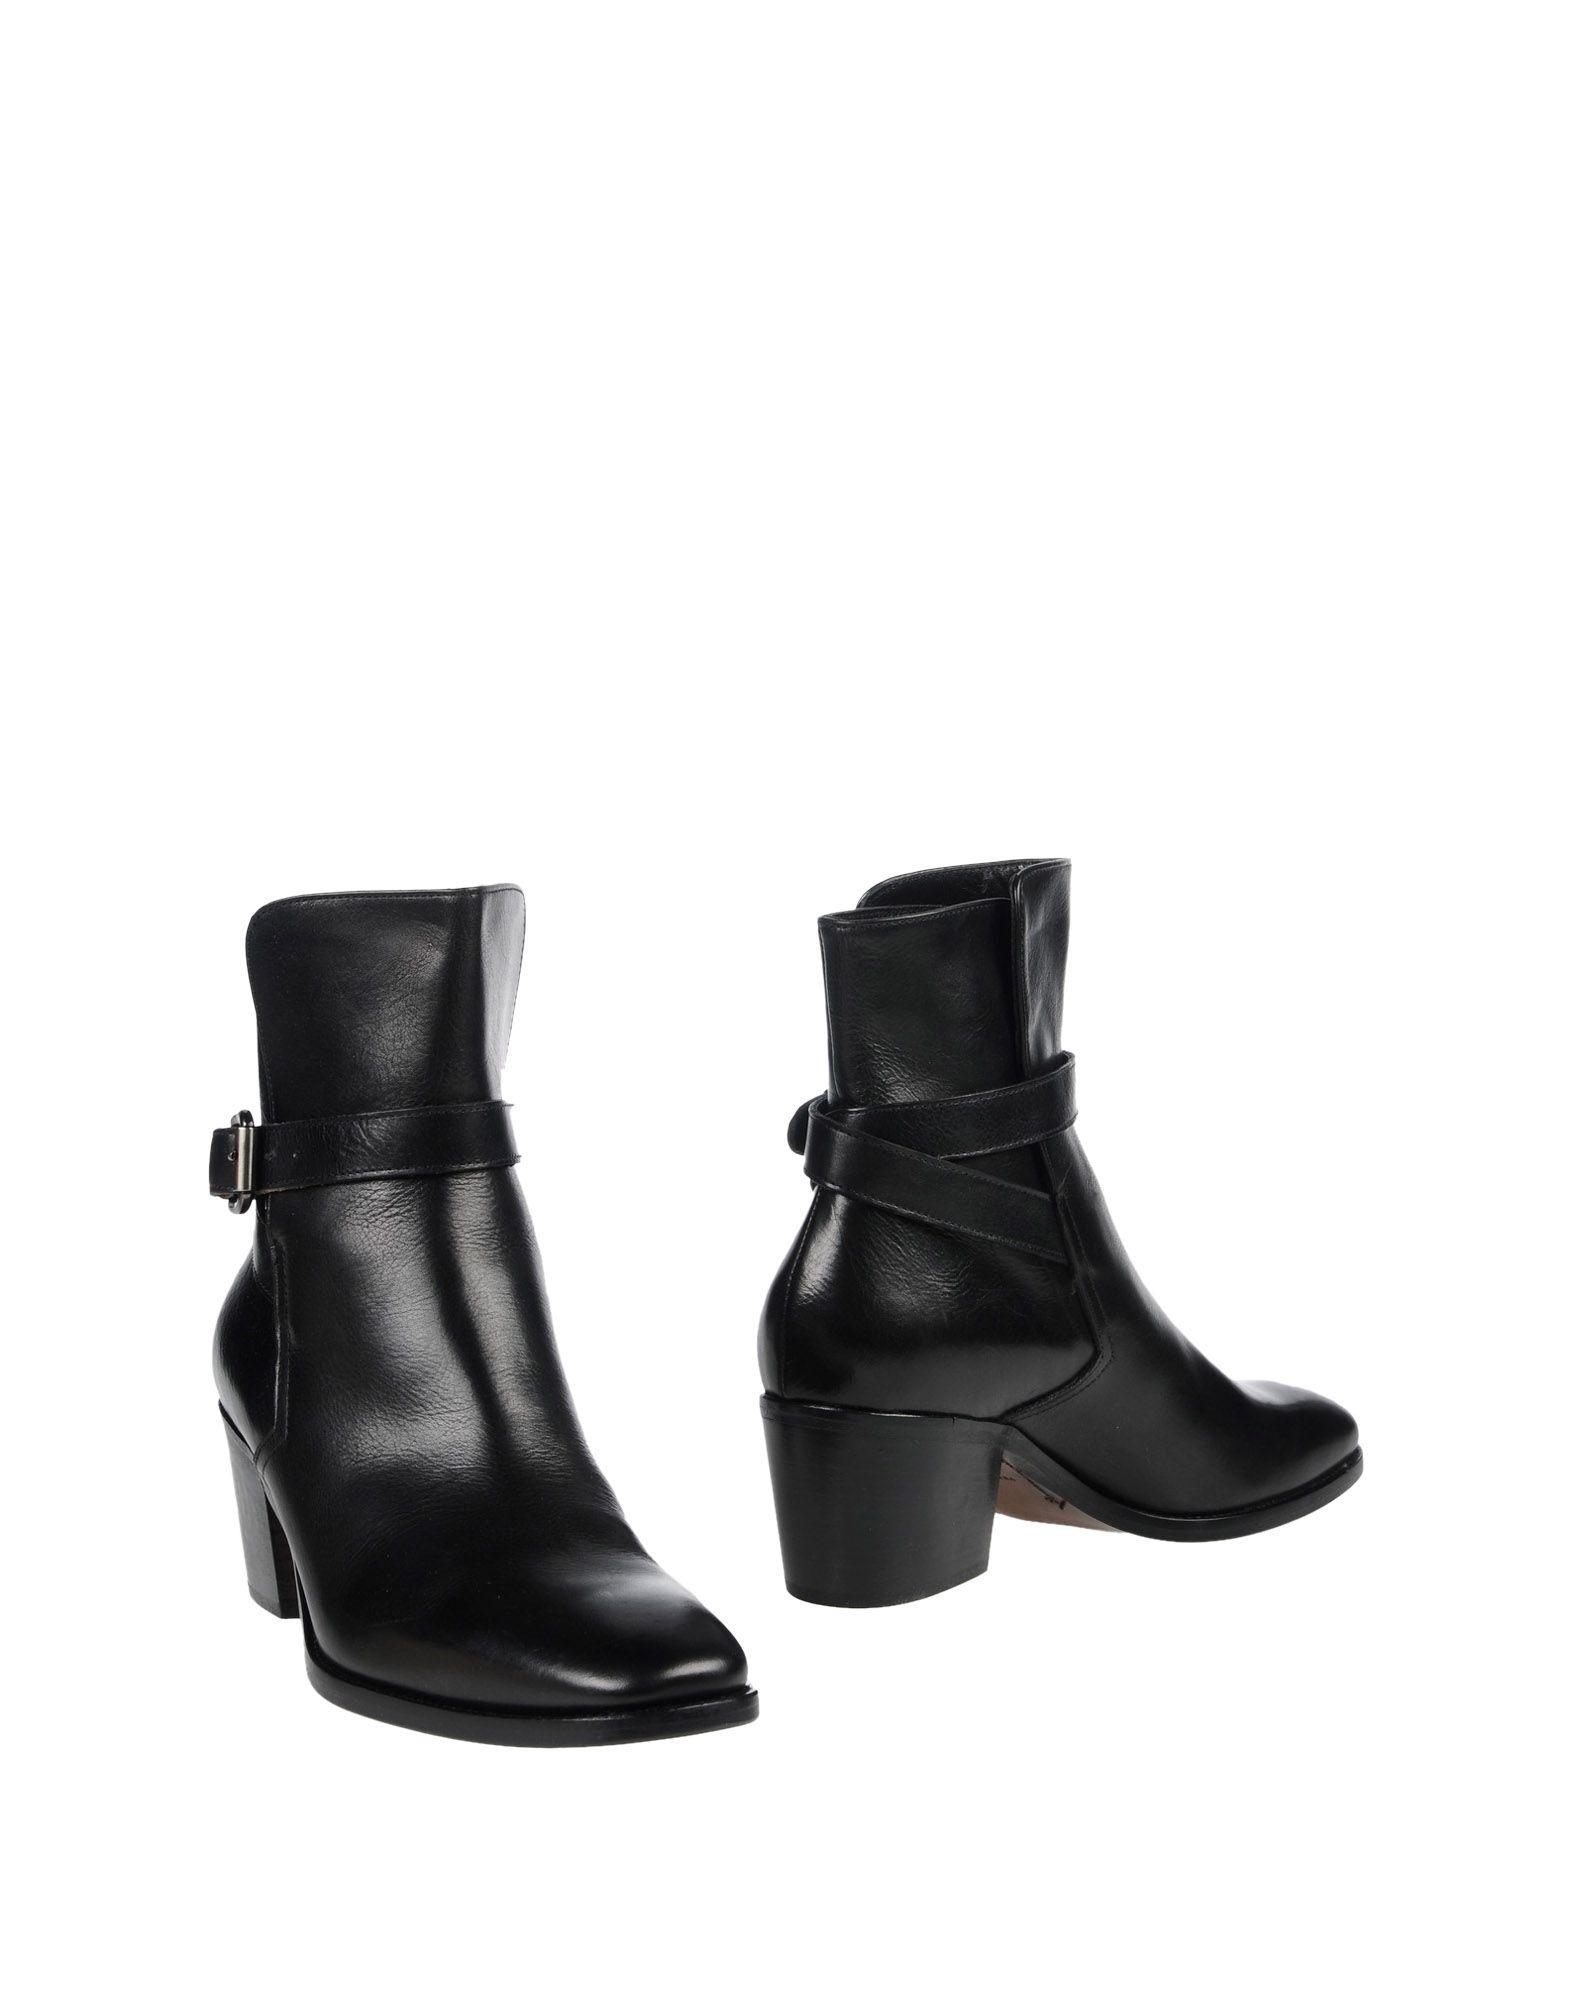 Garrice Stiefelette Damen  11418439RP Gute Qualität beliebte Schuhe